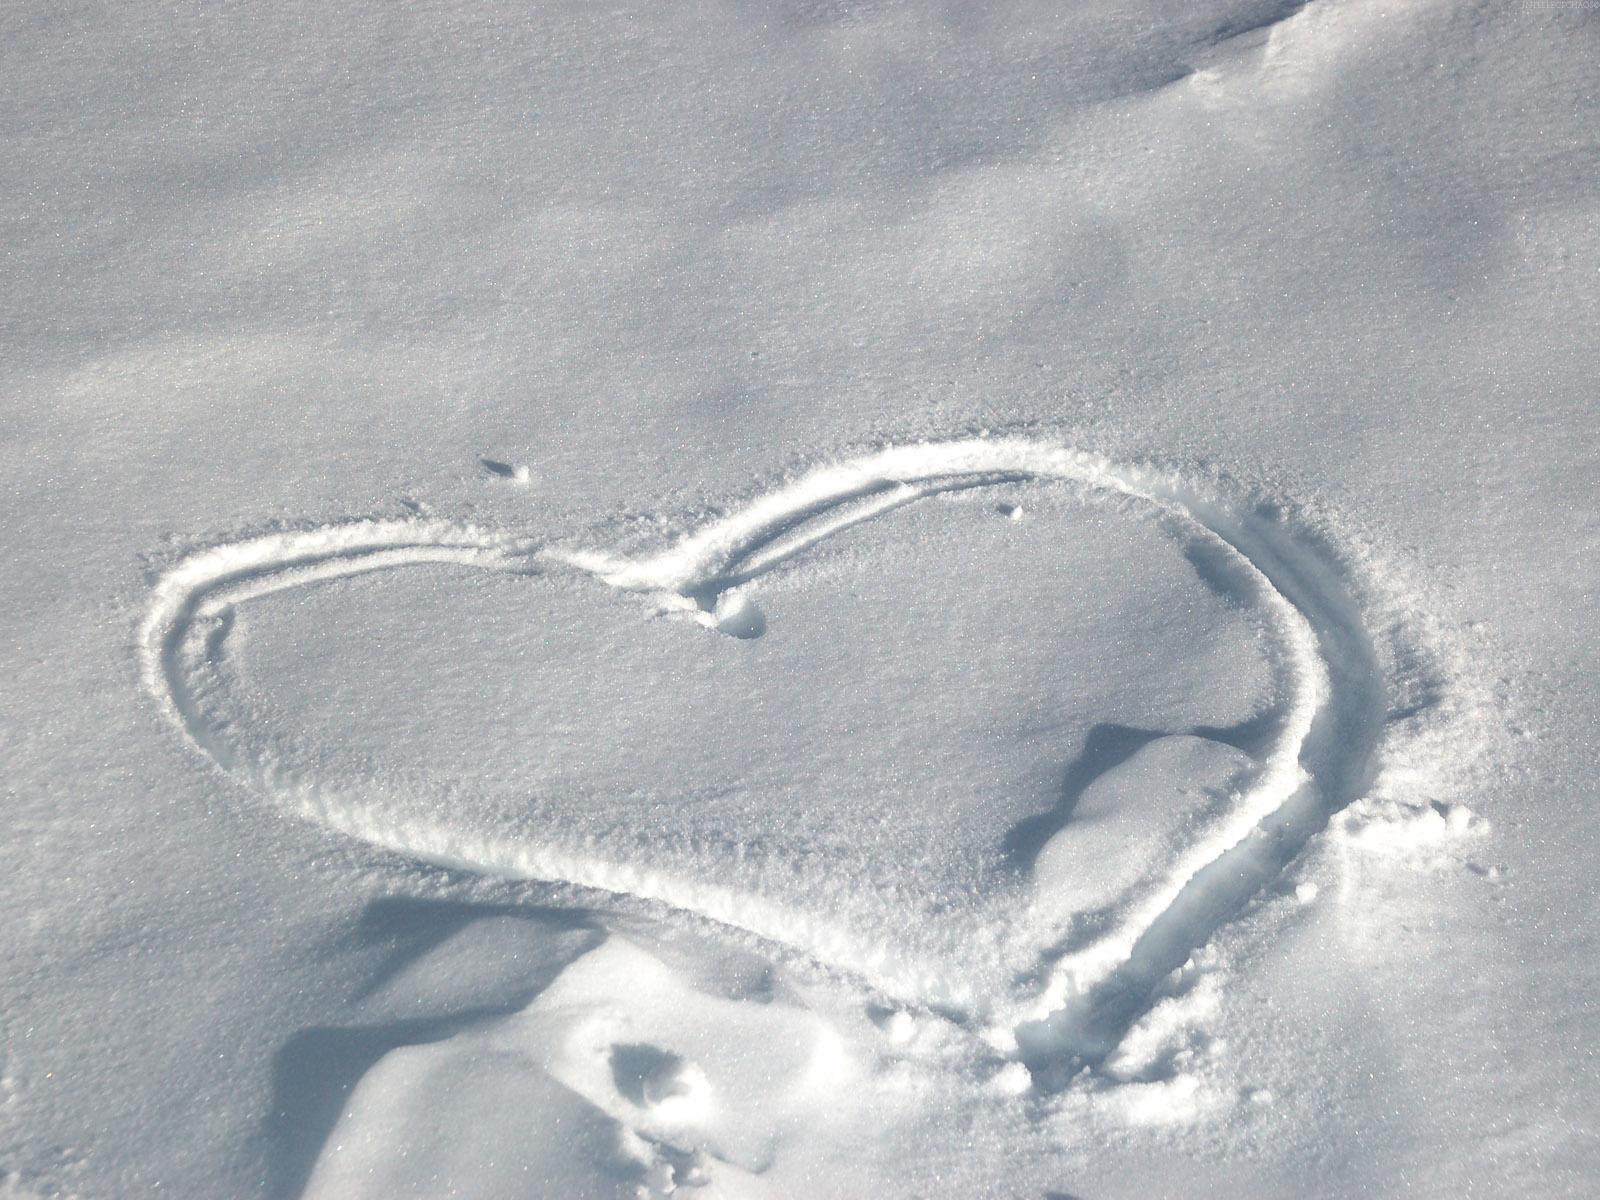 можно следы двоих на снегу картинки имел бронирование